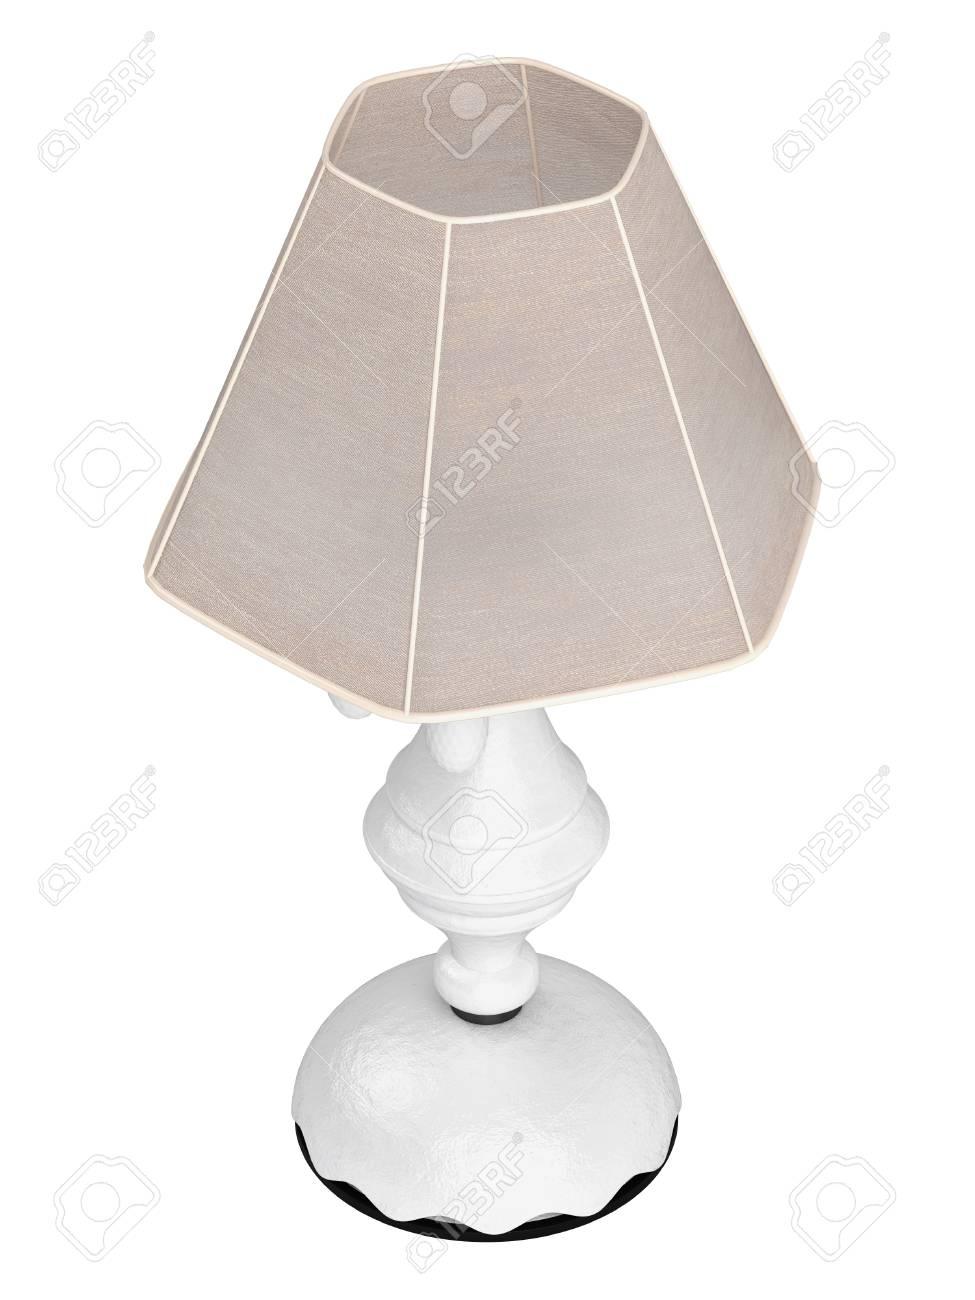 Weiße Lampe Mit Sechseckigen Schatten Für Die Innenausstattung Ihres ...